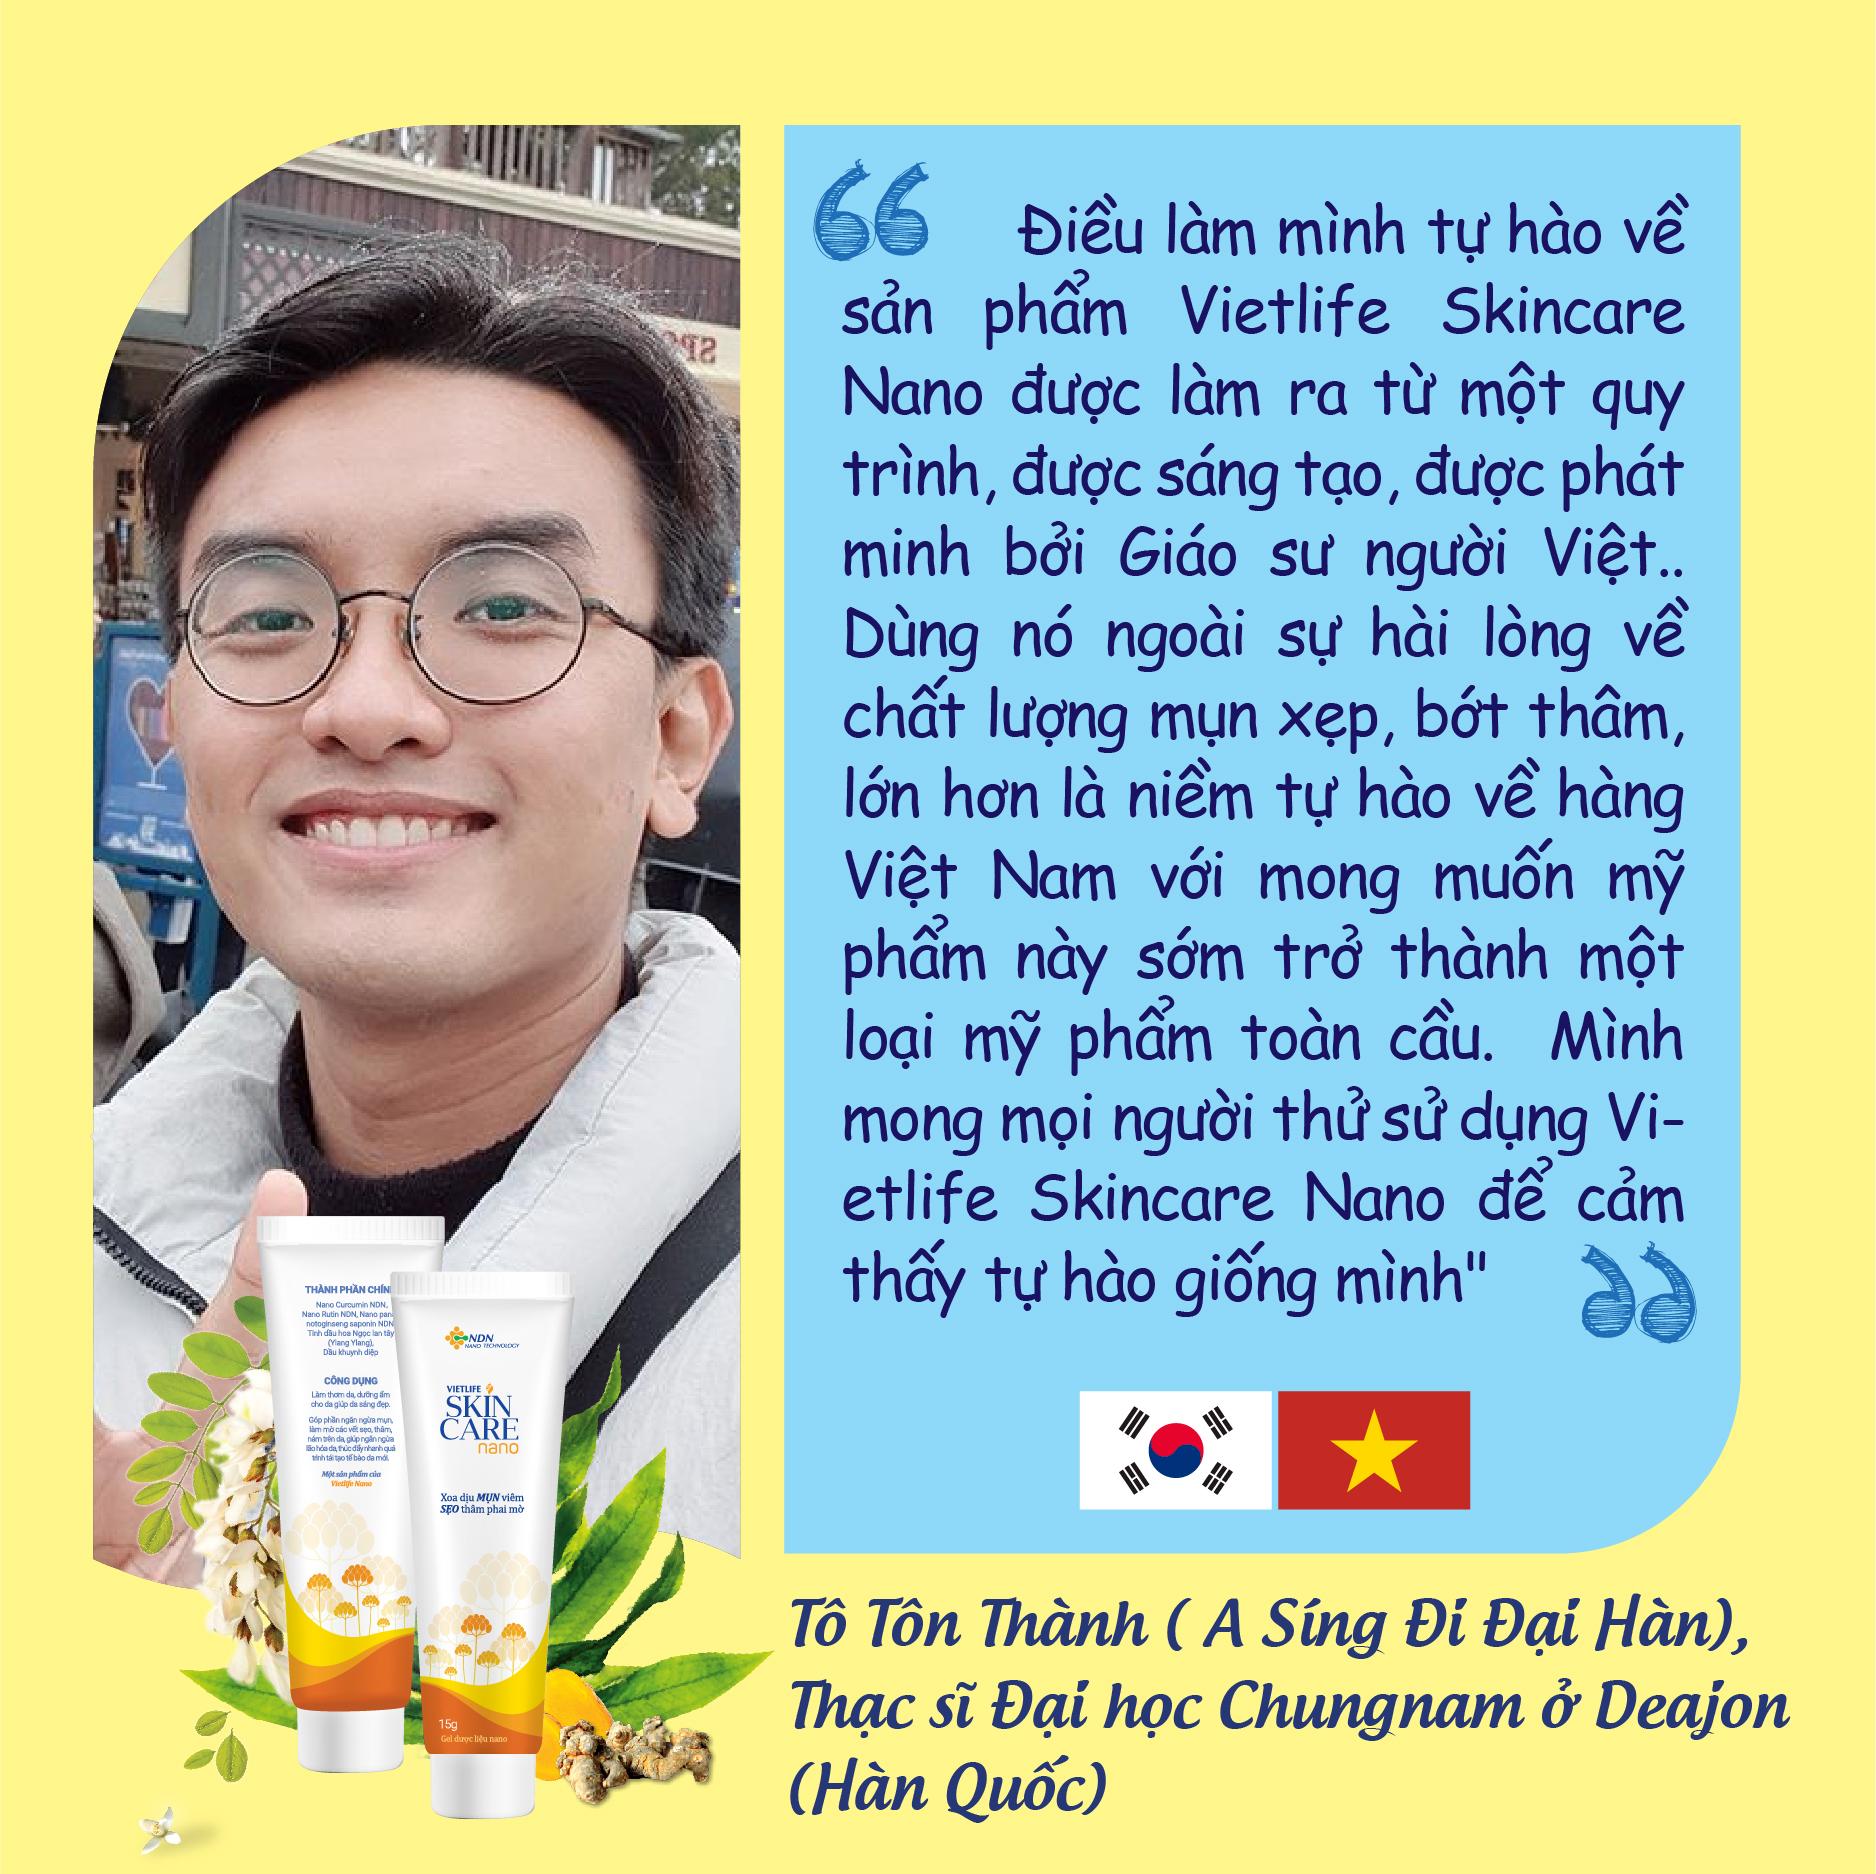 Điểm danh Vlogger du học sinh Hàn Quốc ủng hộ và tin dùng Vietlife Skincare Nano 1